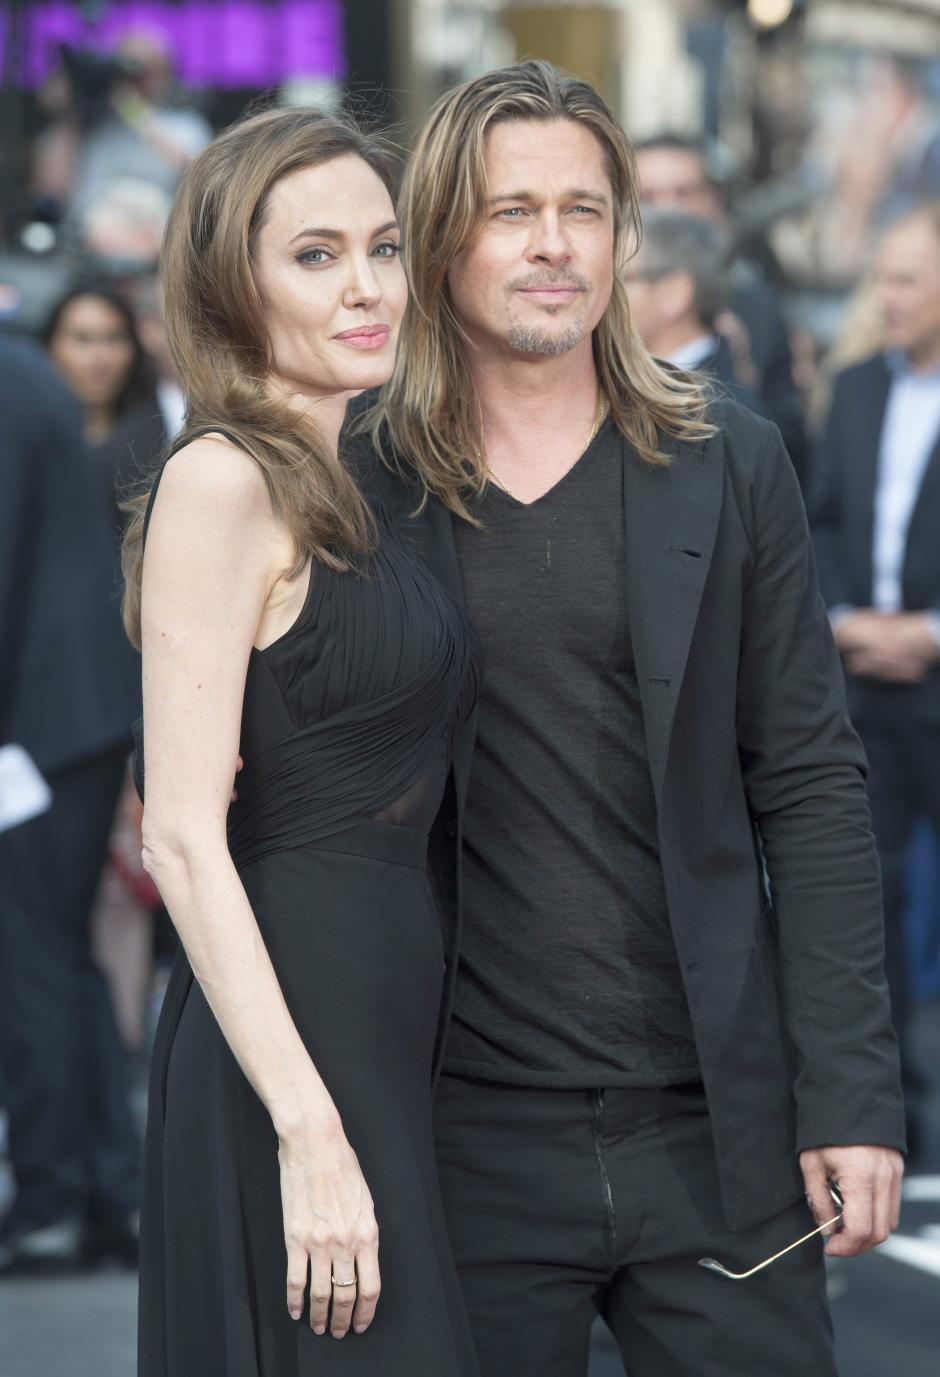 """El actor Brad Pitt y su pareja Angelina Jolie, en la premiere de la película """"World War Z"""", en junio de 2013. (Foto: EFE)"""